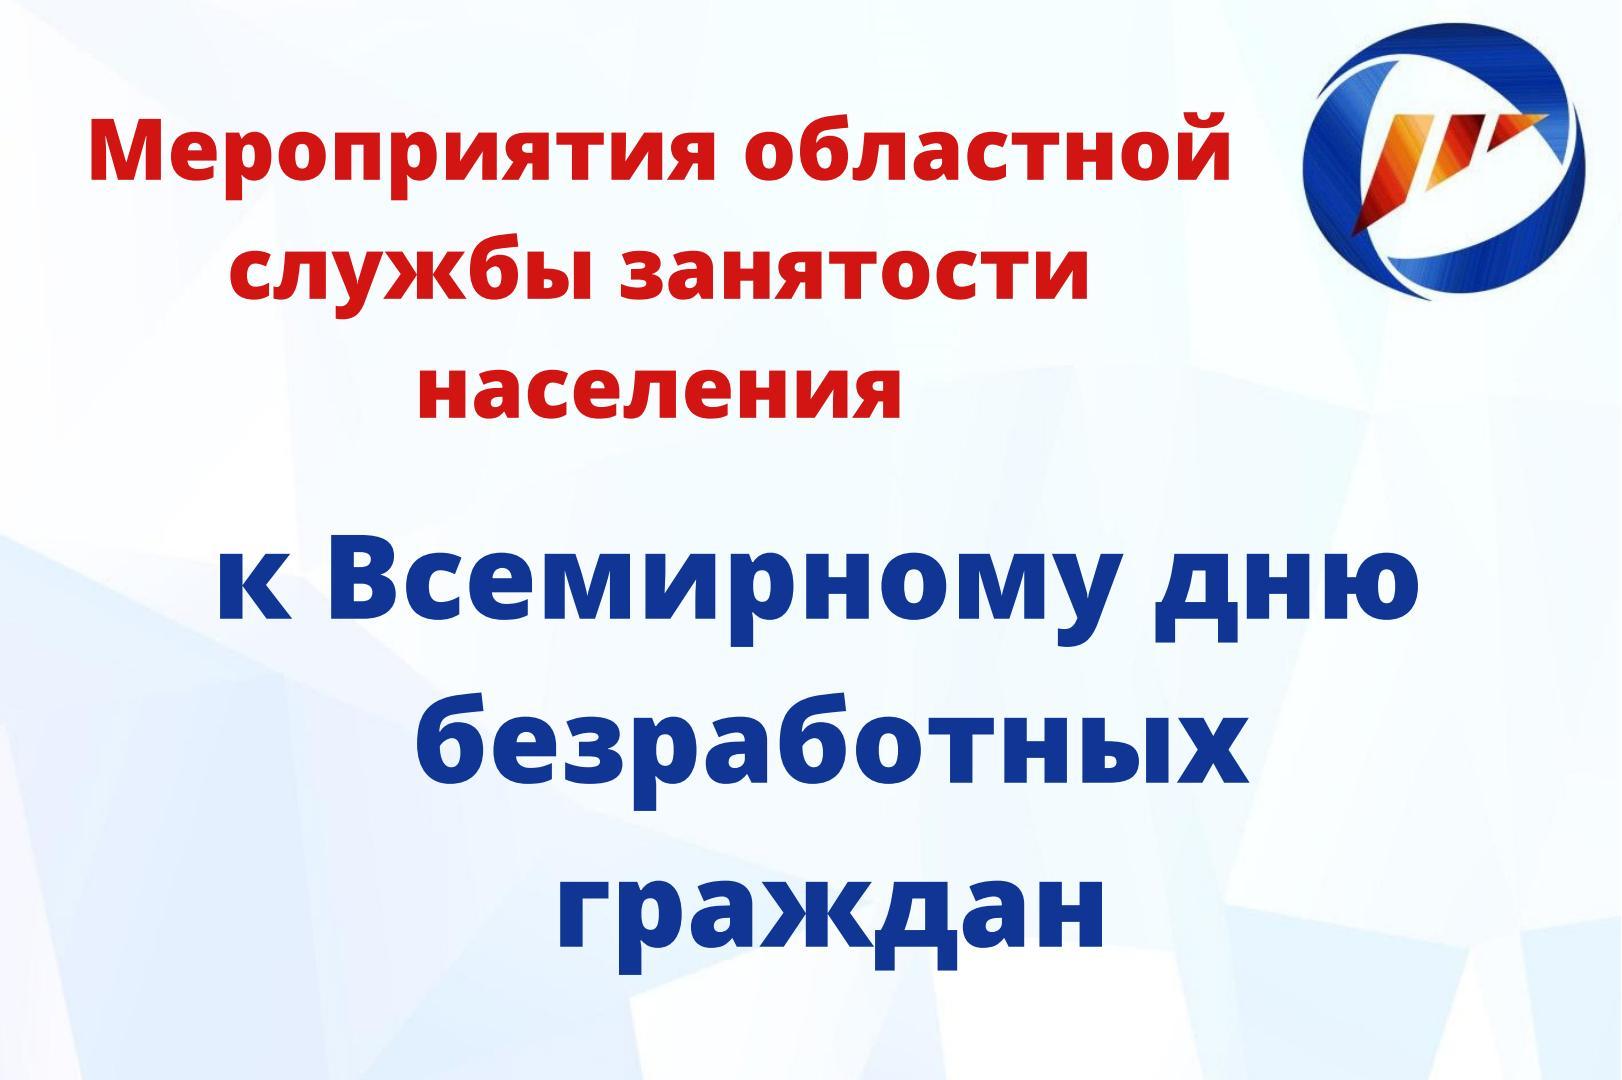 Во второй половине января региональная служба занятости проведёт дистанционные мероприятия к Всемирному дню безработных